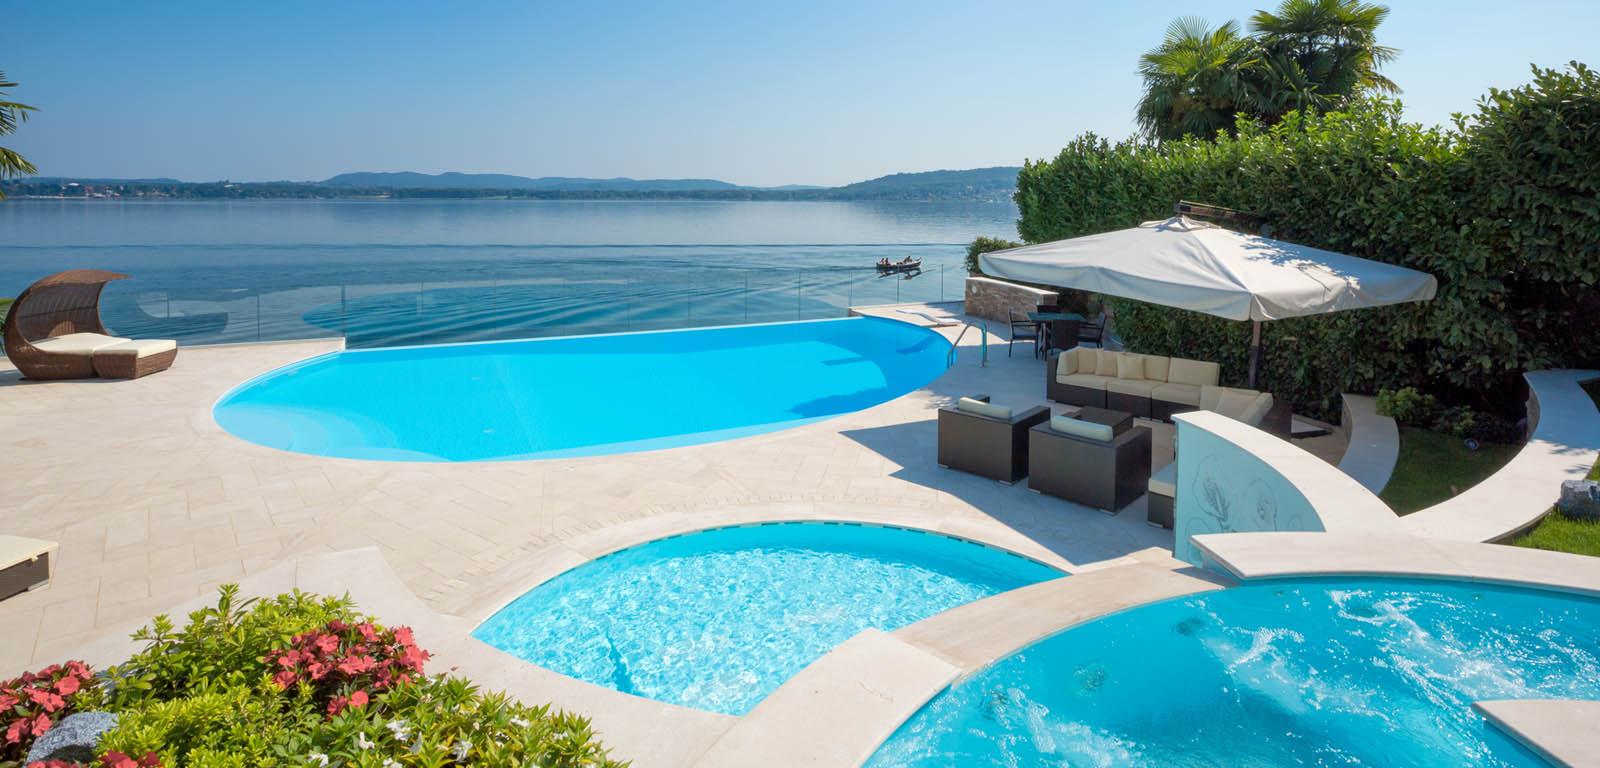 Piscine per hotel la piscina per gli ospiti piscine - Foto di piscine interrate ...